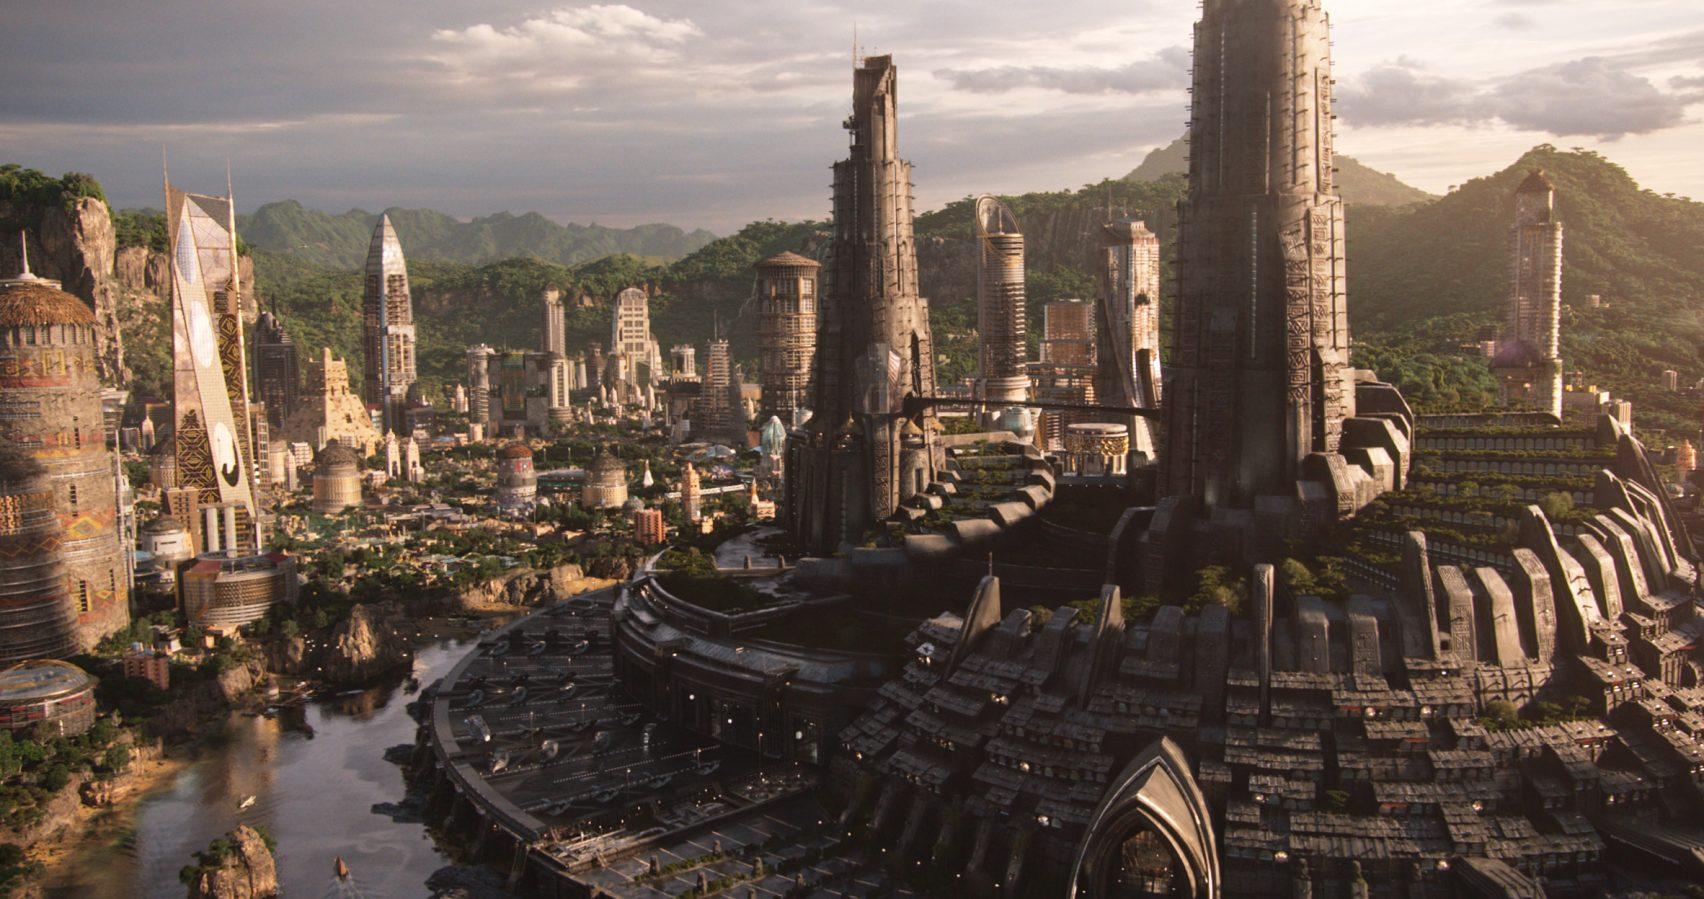 Vista aerea di Wakanda / Dezeen